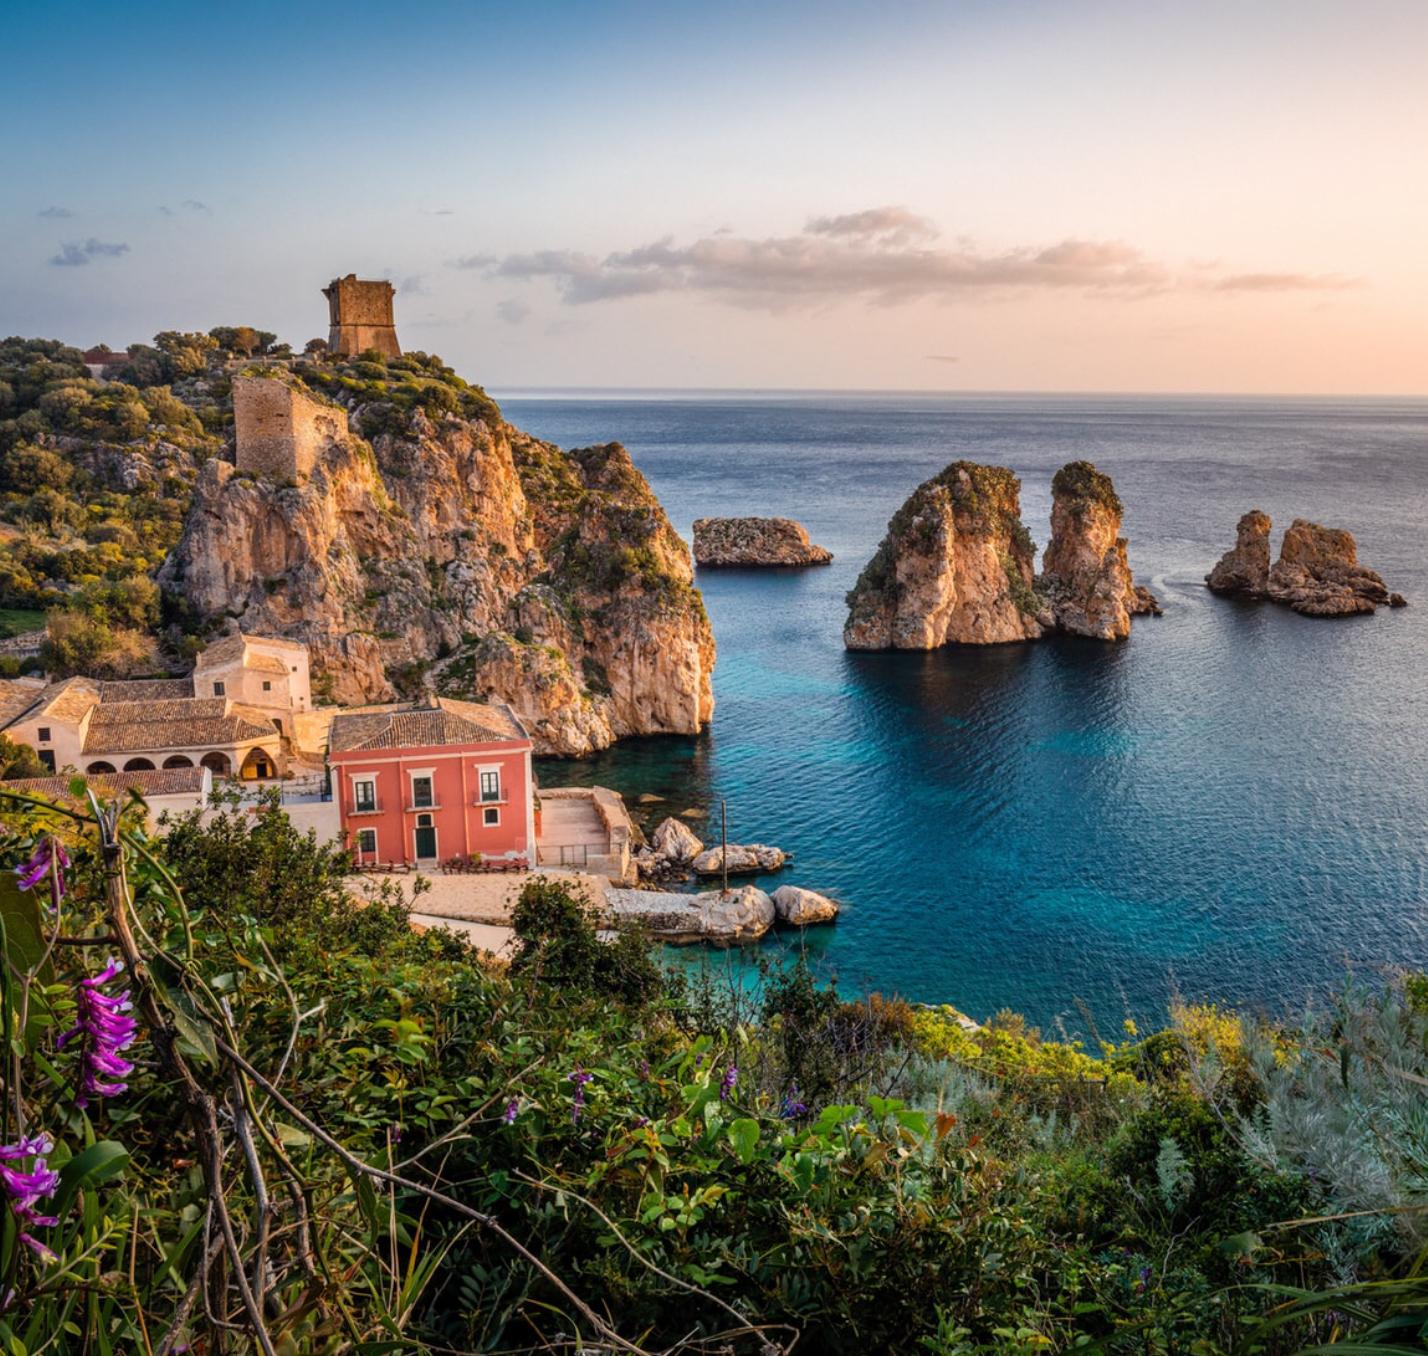 Flüge: Sizilien [Nov. - März] Hin und Zurück von Basel und Berlin nach Catania ab nur 18€ inkl. Handgepäck